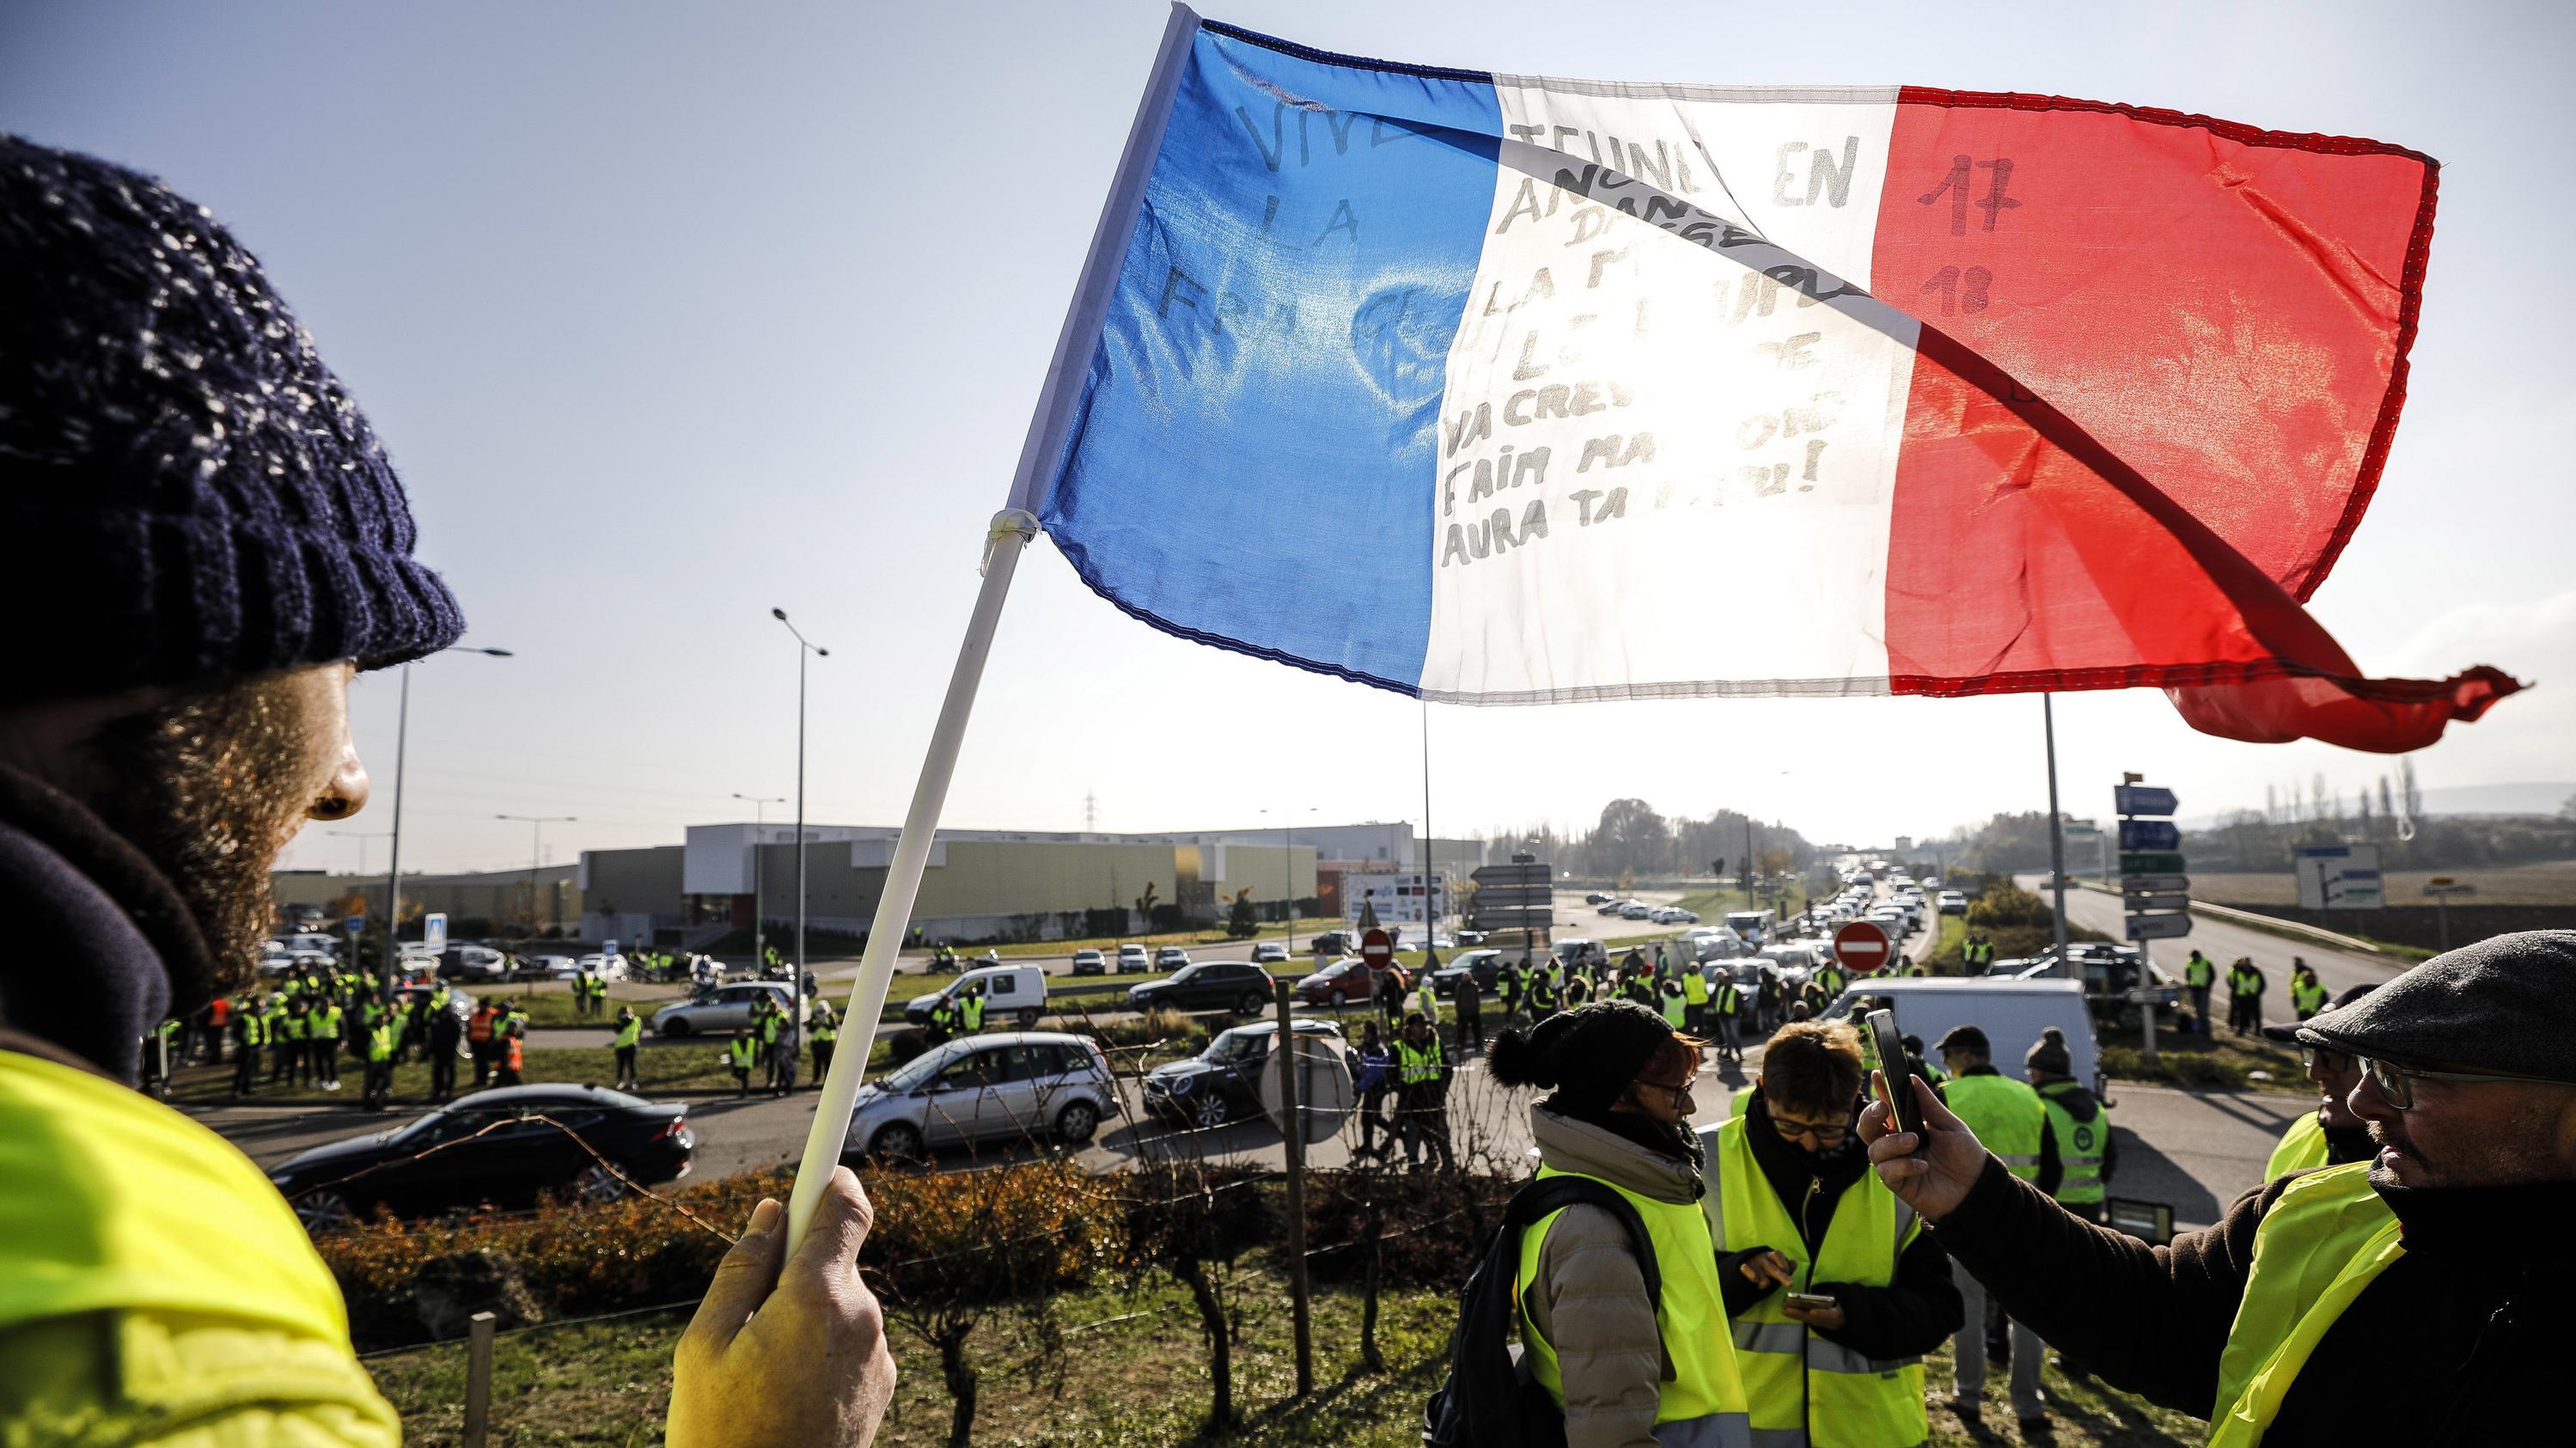 Demonstranten mit einer französischen Fahne blockieren im französischen Molsheim eine Straße, um gegen höhere Spritpreise zu demonstrieren.